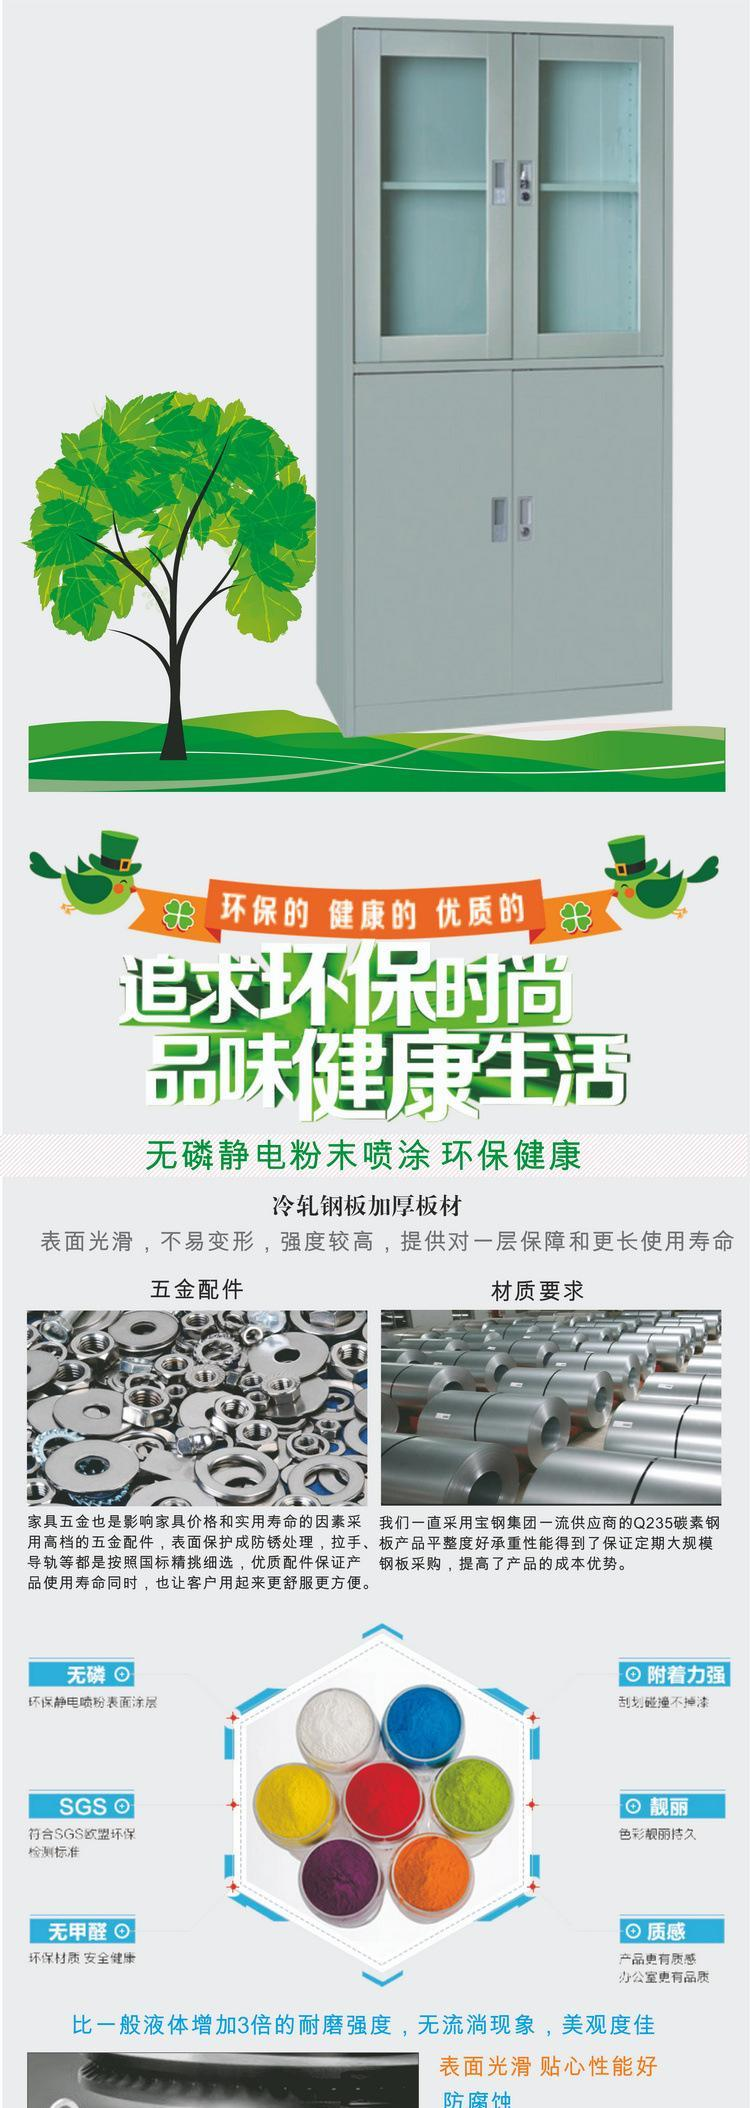 广州 文件柜 铁皮文件柜 办公文件柜 等体器械柜 工厂批发 热销示例图3